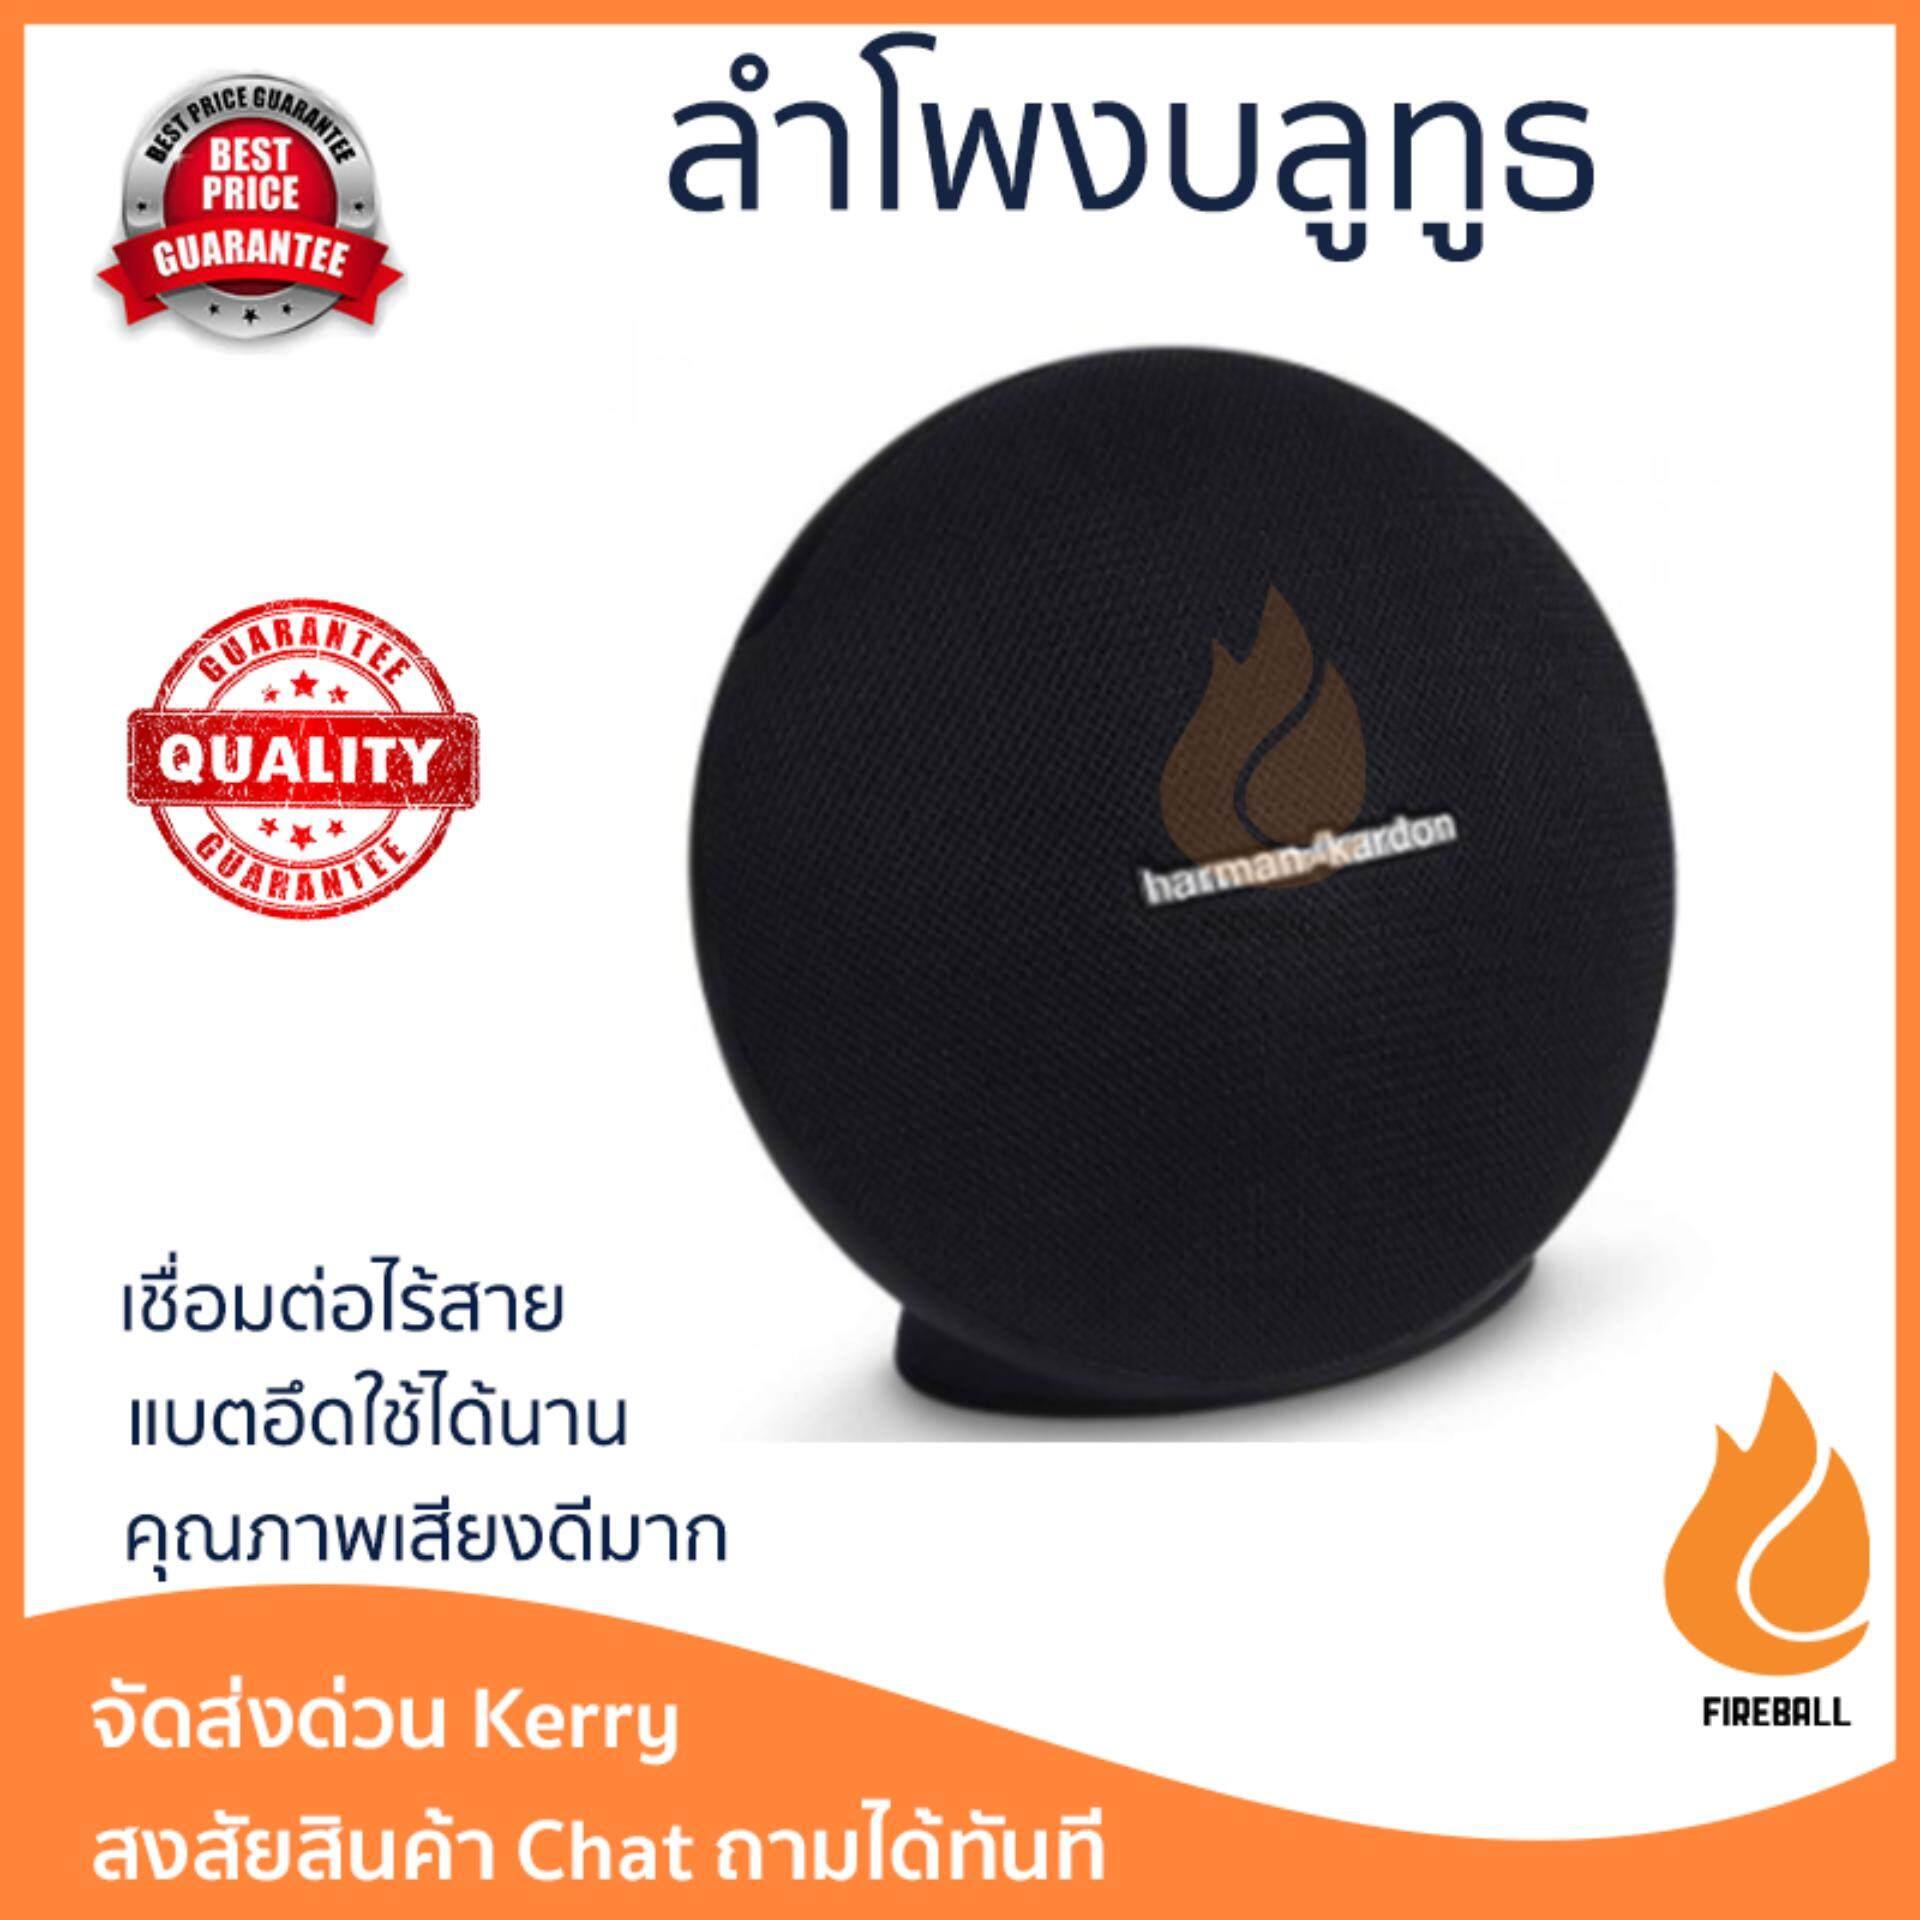 การใช้งาน  กระบี่ จัดส่งฟรี ลำโพงบลูทูธ  Harman Kardon Bluetooth Speaker 2.1 Onyx Mini Black เสียงใส คุณภาพเกินตัว Wireless Bluetooth Speaker รับประกัน 1 ปี